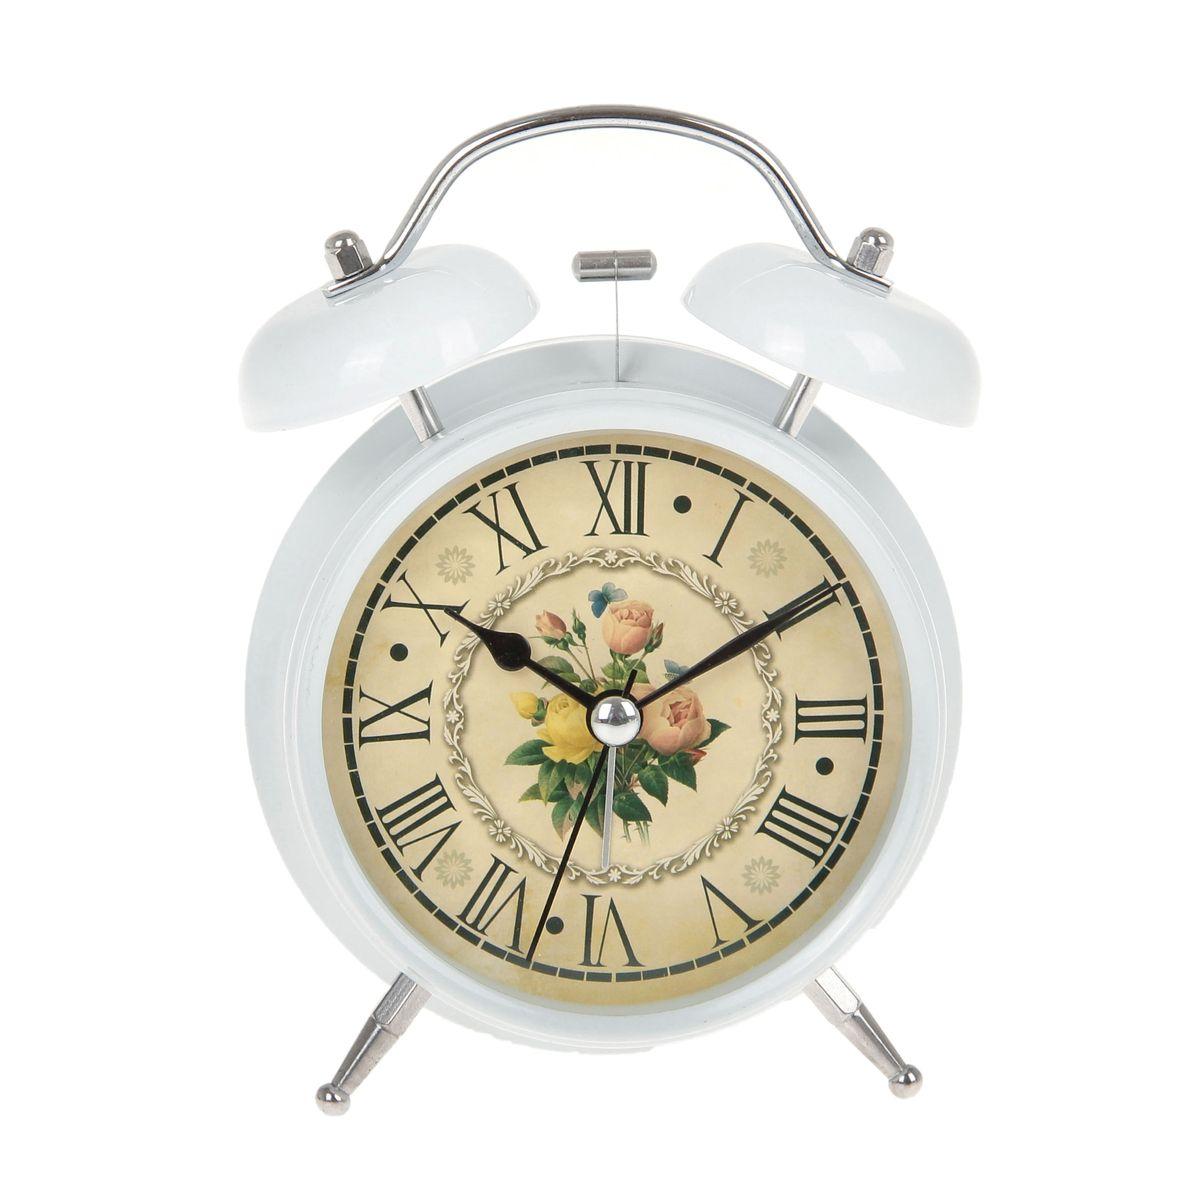 Часы-будильник Sima-land Цветы. 720837720837Как же сложно иногда вставать вовремя! Всегда так хочется поспать еще хотя бы 5 минут и бывает, что мы просыпаем. Теперь этого не случится! Яркий, оригинальный будильник Sima-land Цветы поможет вам всегда вставать в нужное время и успевать везде и всюду. Корпус будильника выполнен из металла. Циферблат оформлен изображением цветов. Часы снабжены 4 стрелками (секундная, минутная, часовая и для будильника). На задней панели будильника расположен переключатель включения/выключения механизма, а также два колесика для настройки текущего времени и времени звонка будильника. Изделие снабжено подсветкой, которая включается нажатием на кнопку с задней стороны корпуса. Пользоваться будильником очень легко: нужно всего лишь поставить батарейку, настроить точное время и установить время звонка.Необходимо докупить 1 батарейку типа АА (не входит в комплект).